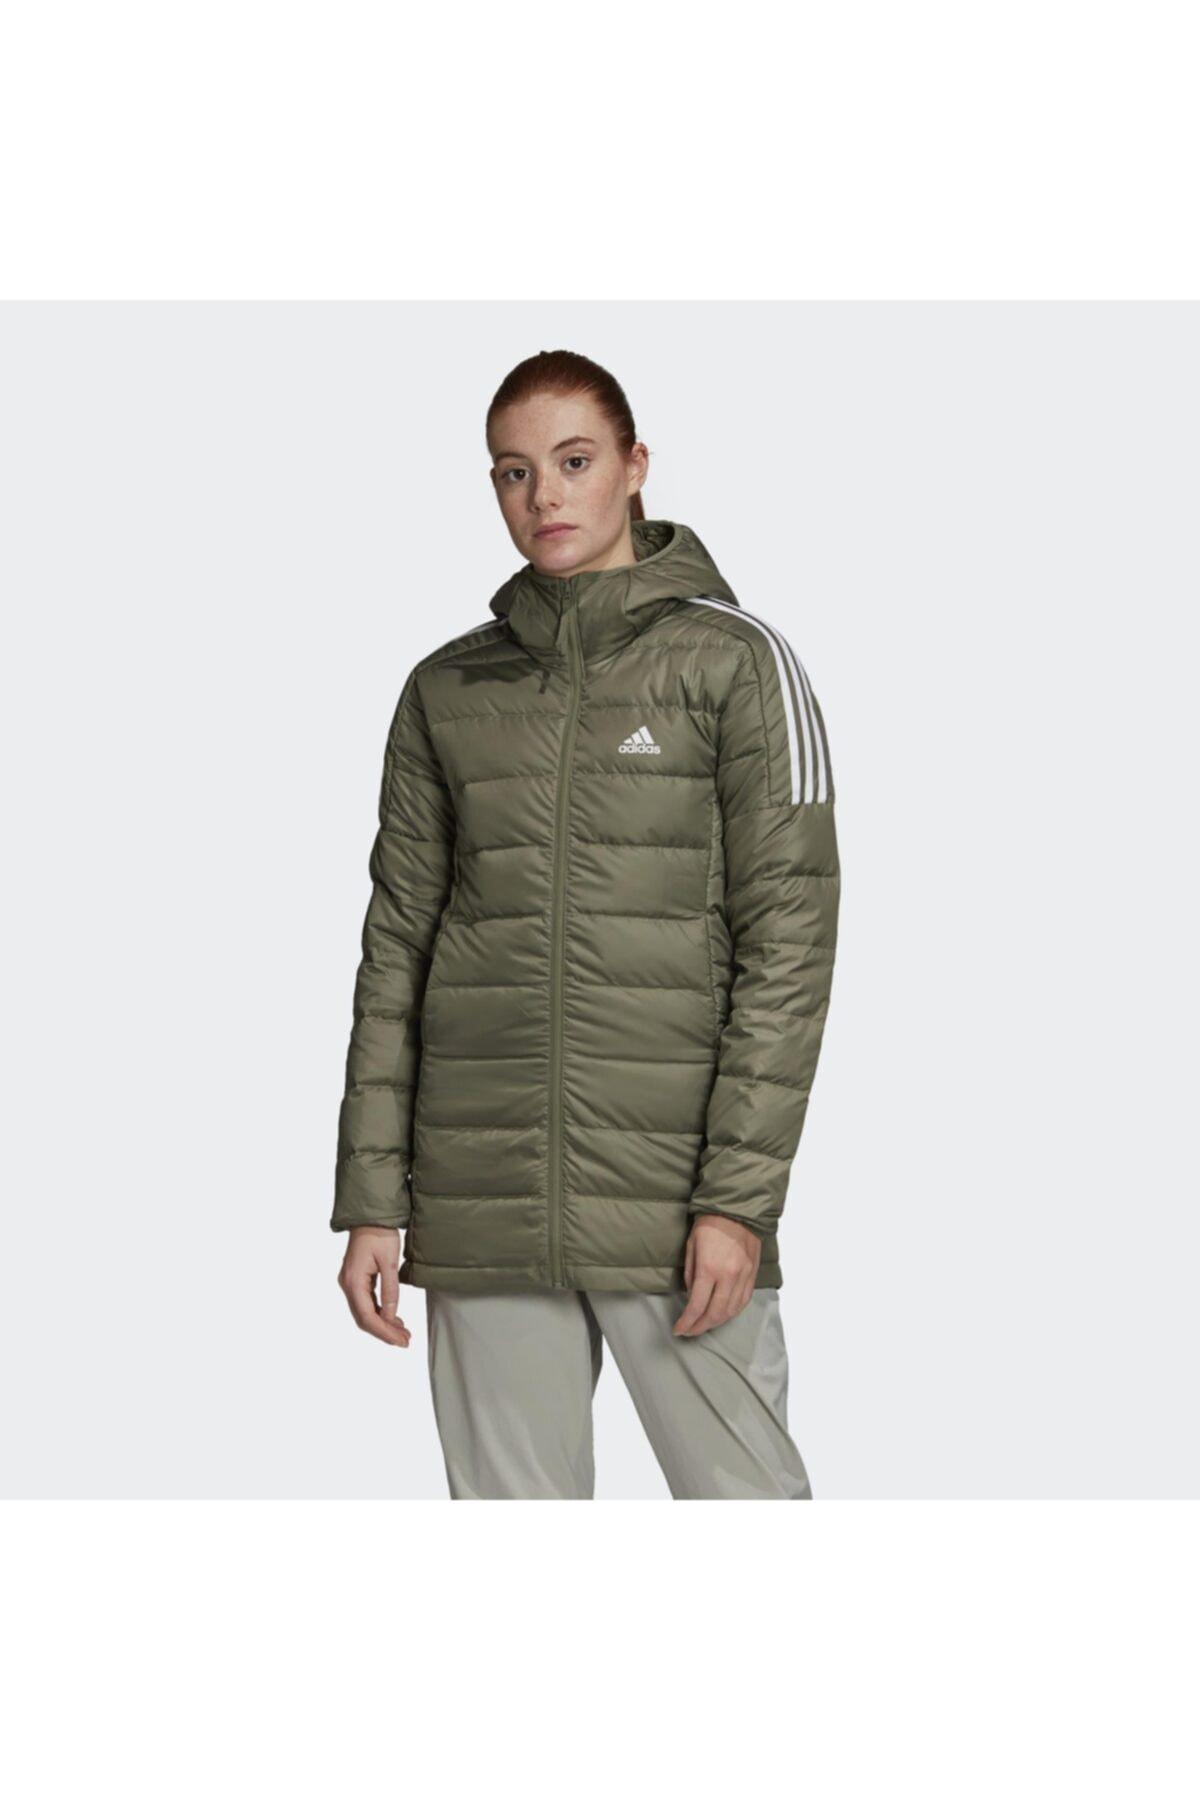 خرید انلاین کاپشن ورزشی مردانه طرح دار برند adidas رنگ سبز کد ty58834485